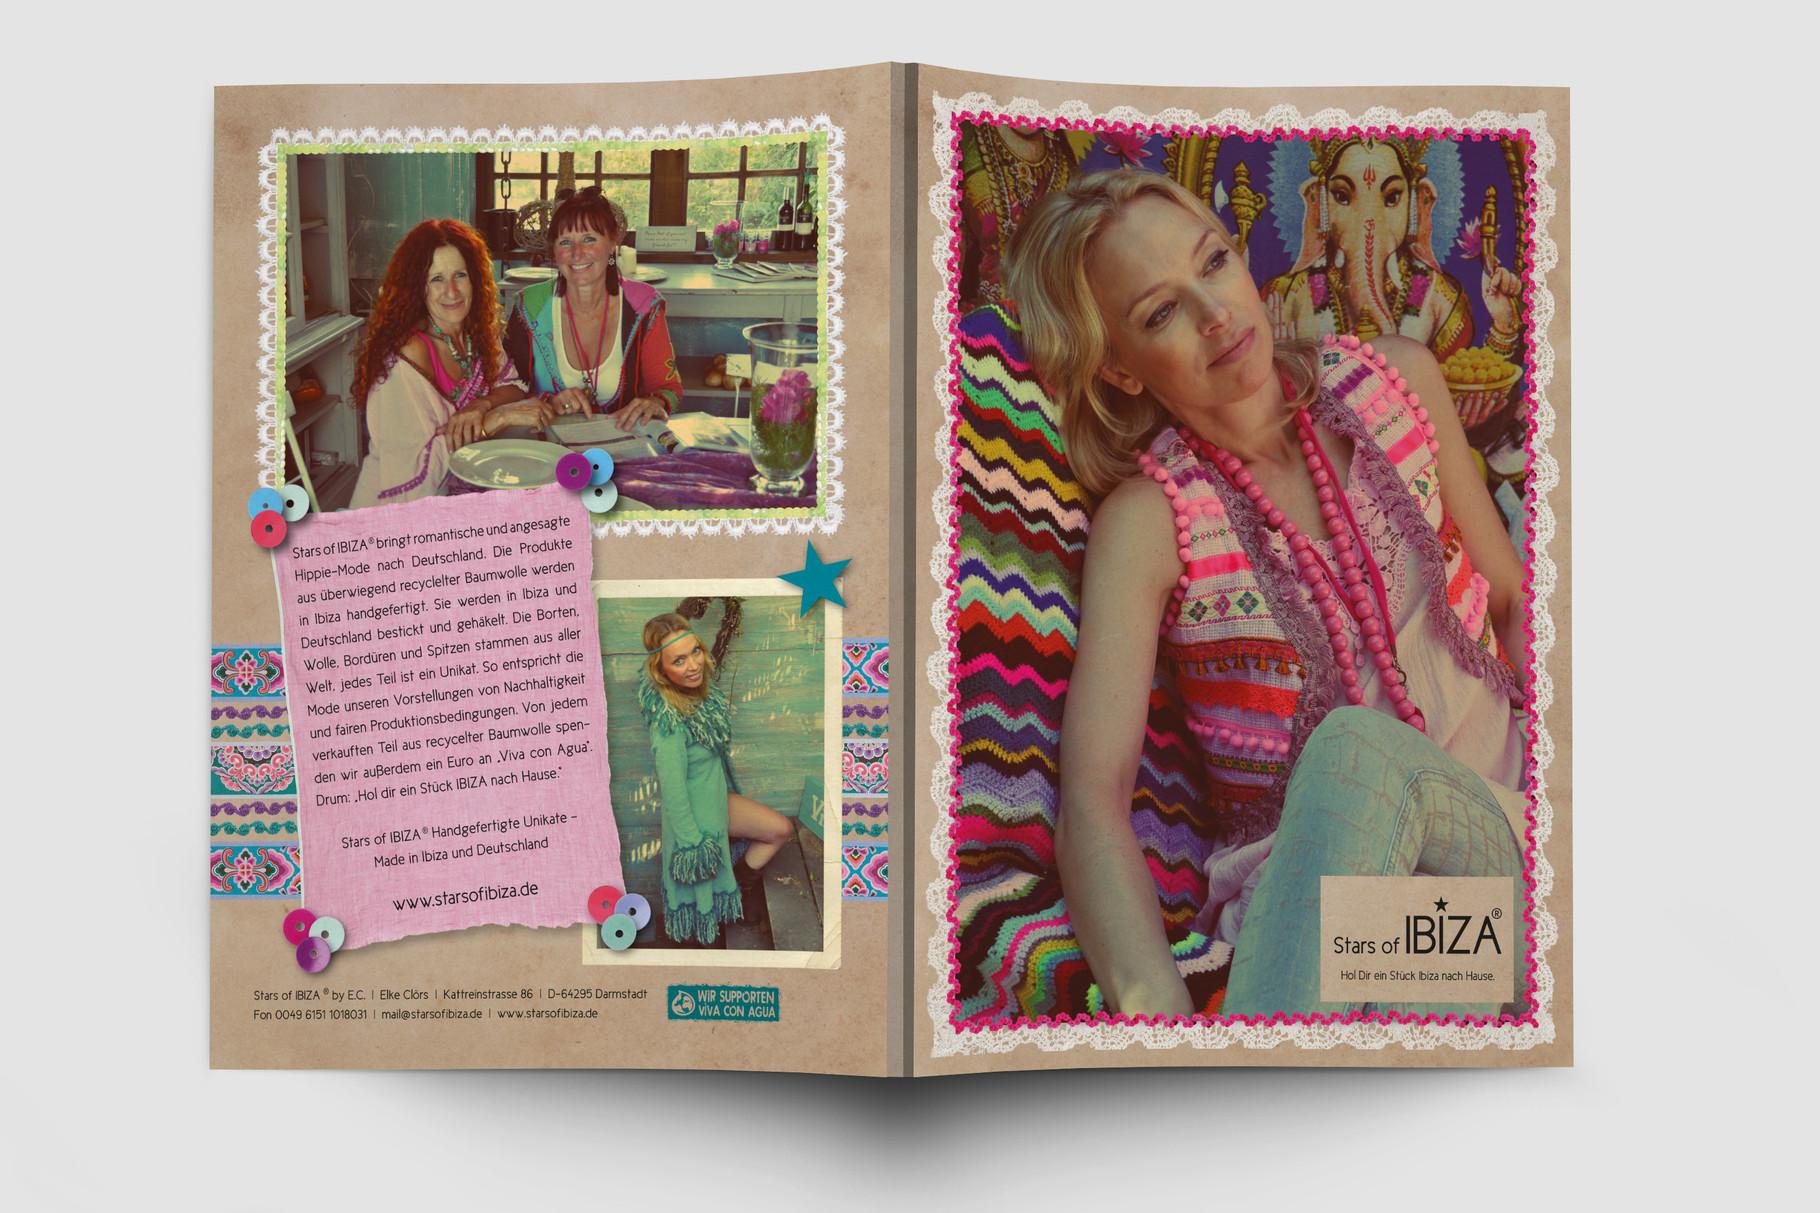 Logo, Logoentwicklung, Grafikdesign, Grafik, Gestaltung, Illustration, Stars of Ibiza Broschüre